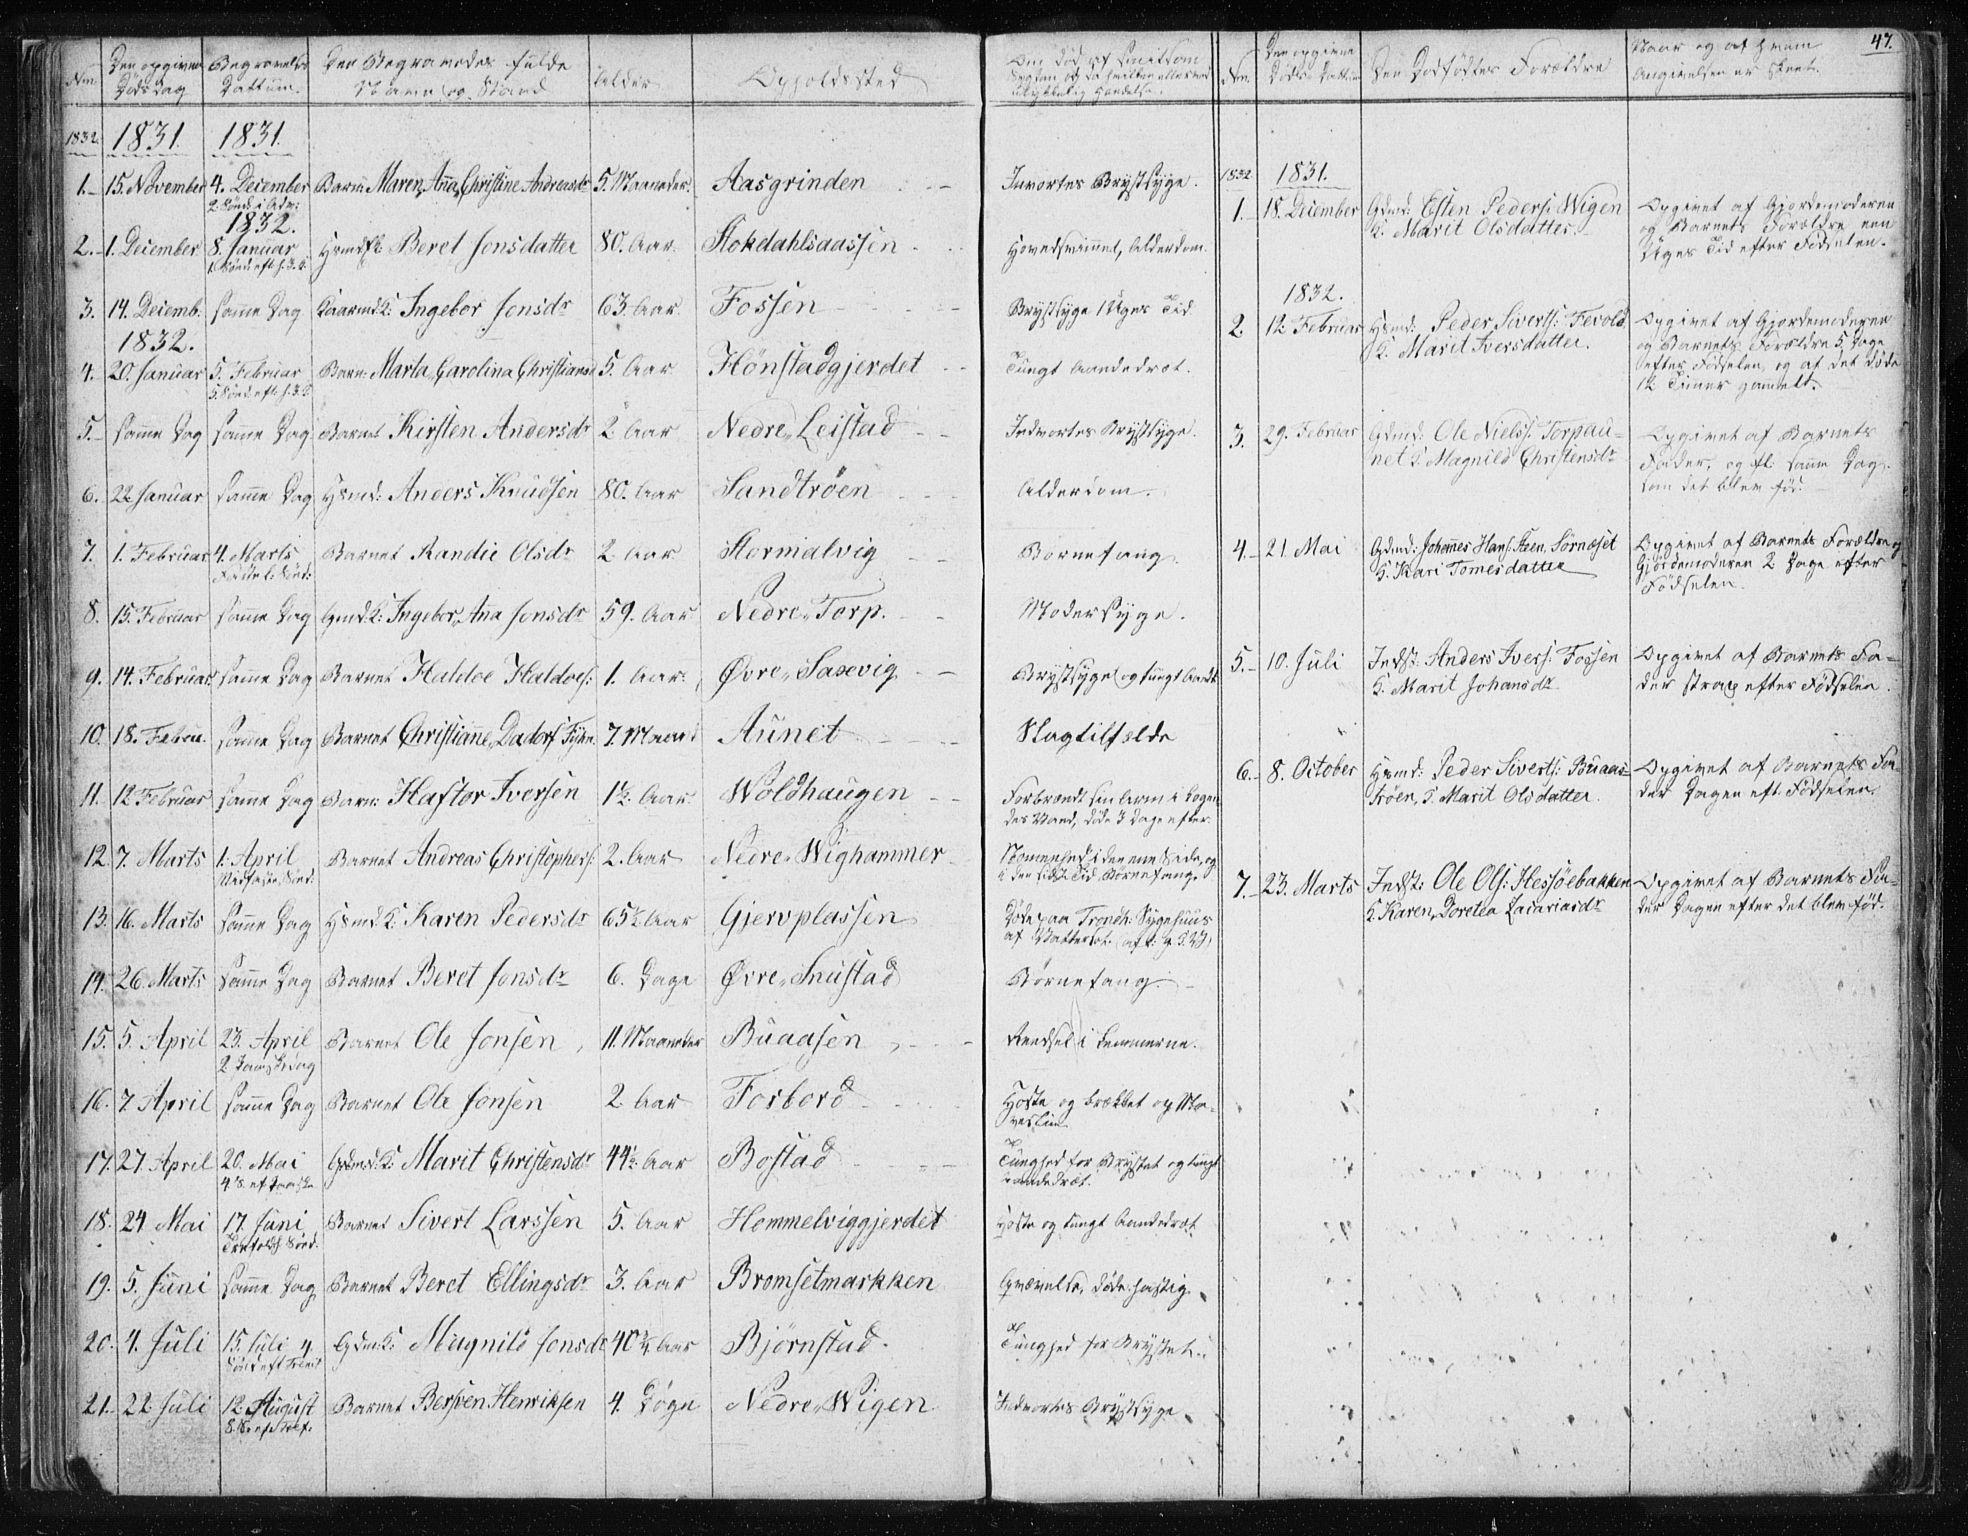 SAT, Ministerialprotokoller, klokkerbøker og fødselsregistre - Sør-Trøndelag, 616/L0405: Ministerialbok nr. 616A02, 1831-1842, s. 47